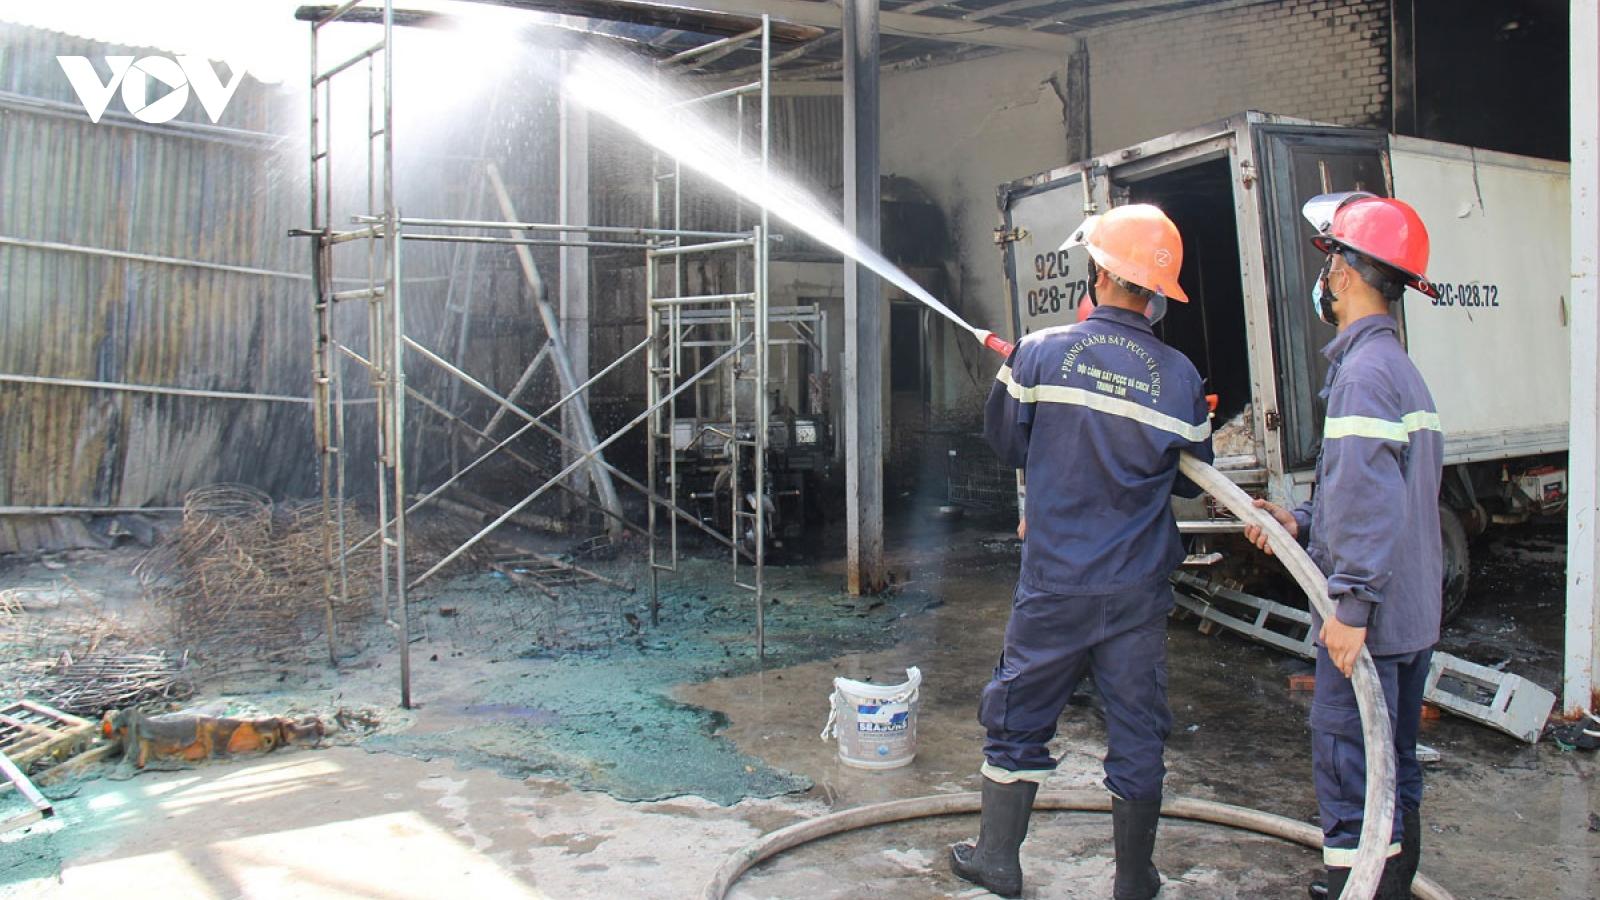 Cháy lớn cơ sởthu mua thủy sản ởQuảng Nam